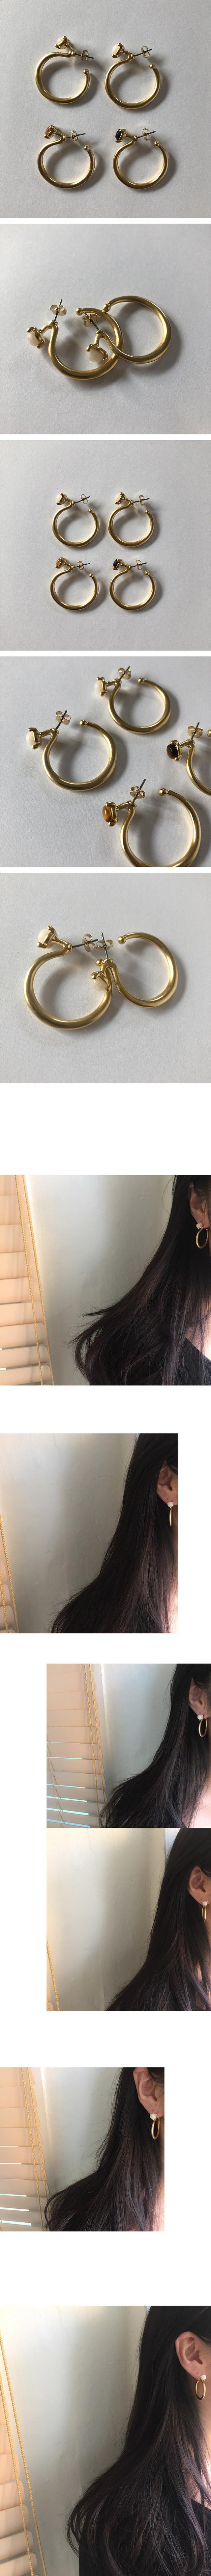 object earring